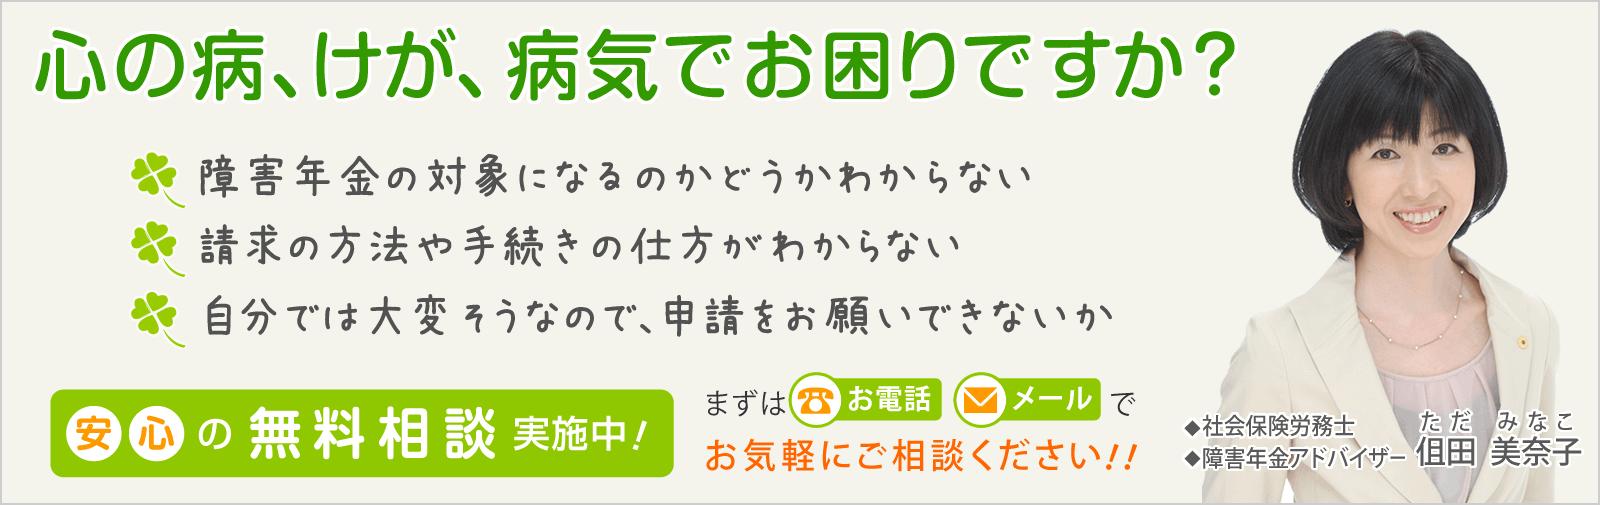 障害年金の申請と受給サポート|東京で受給資格の無料相談中